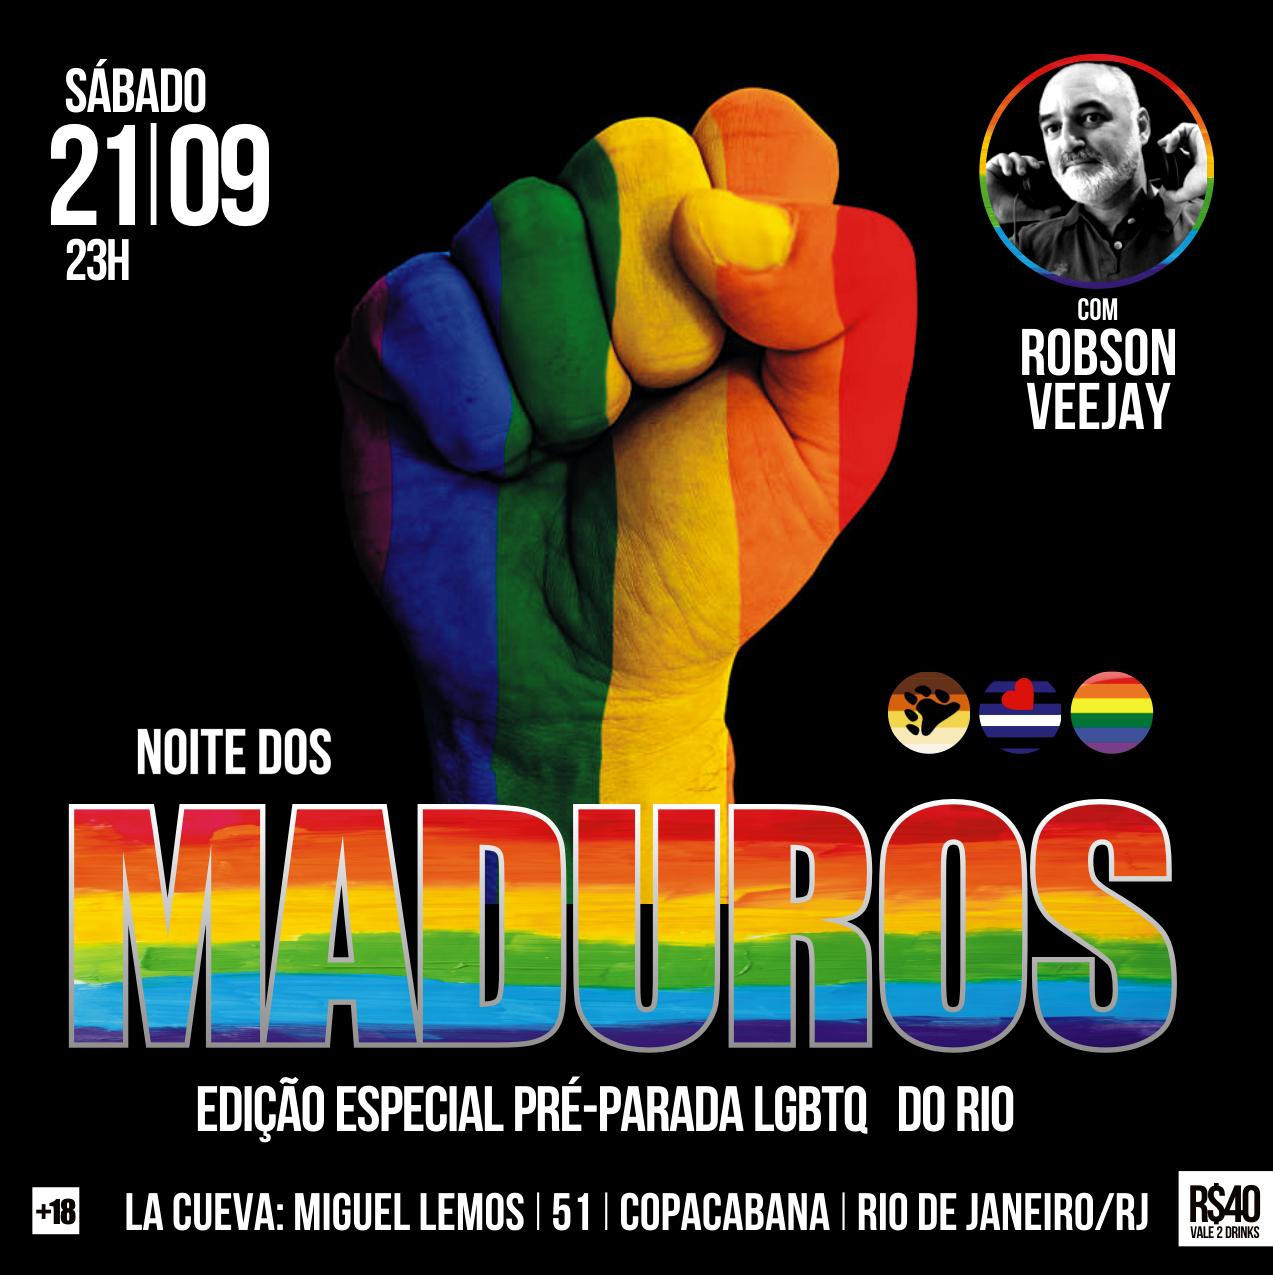 SÁBADO - 23H - NOITE DOS MADUROS